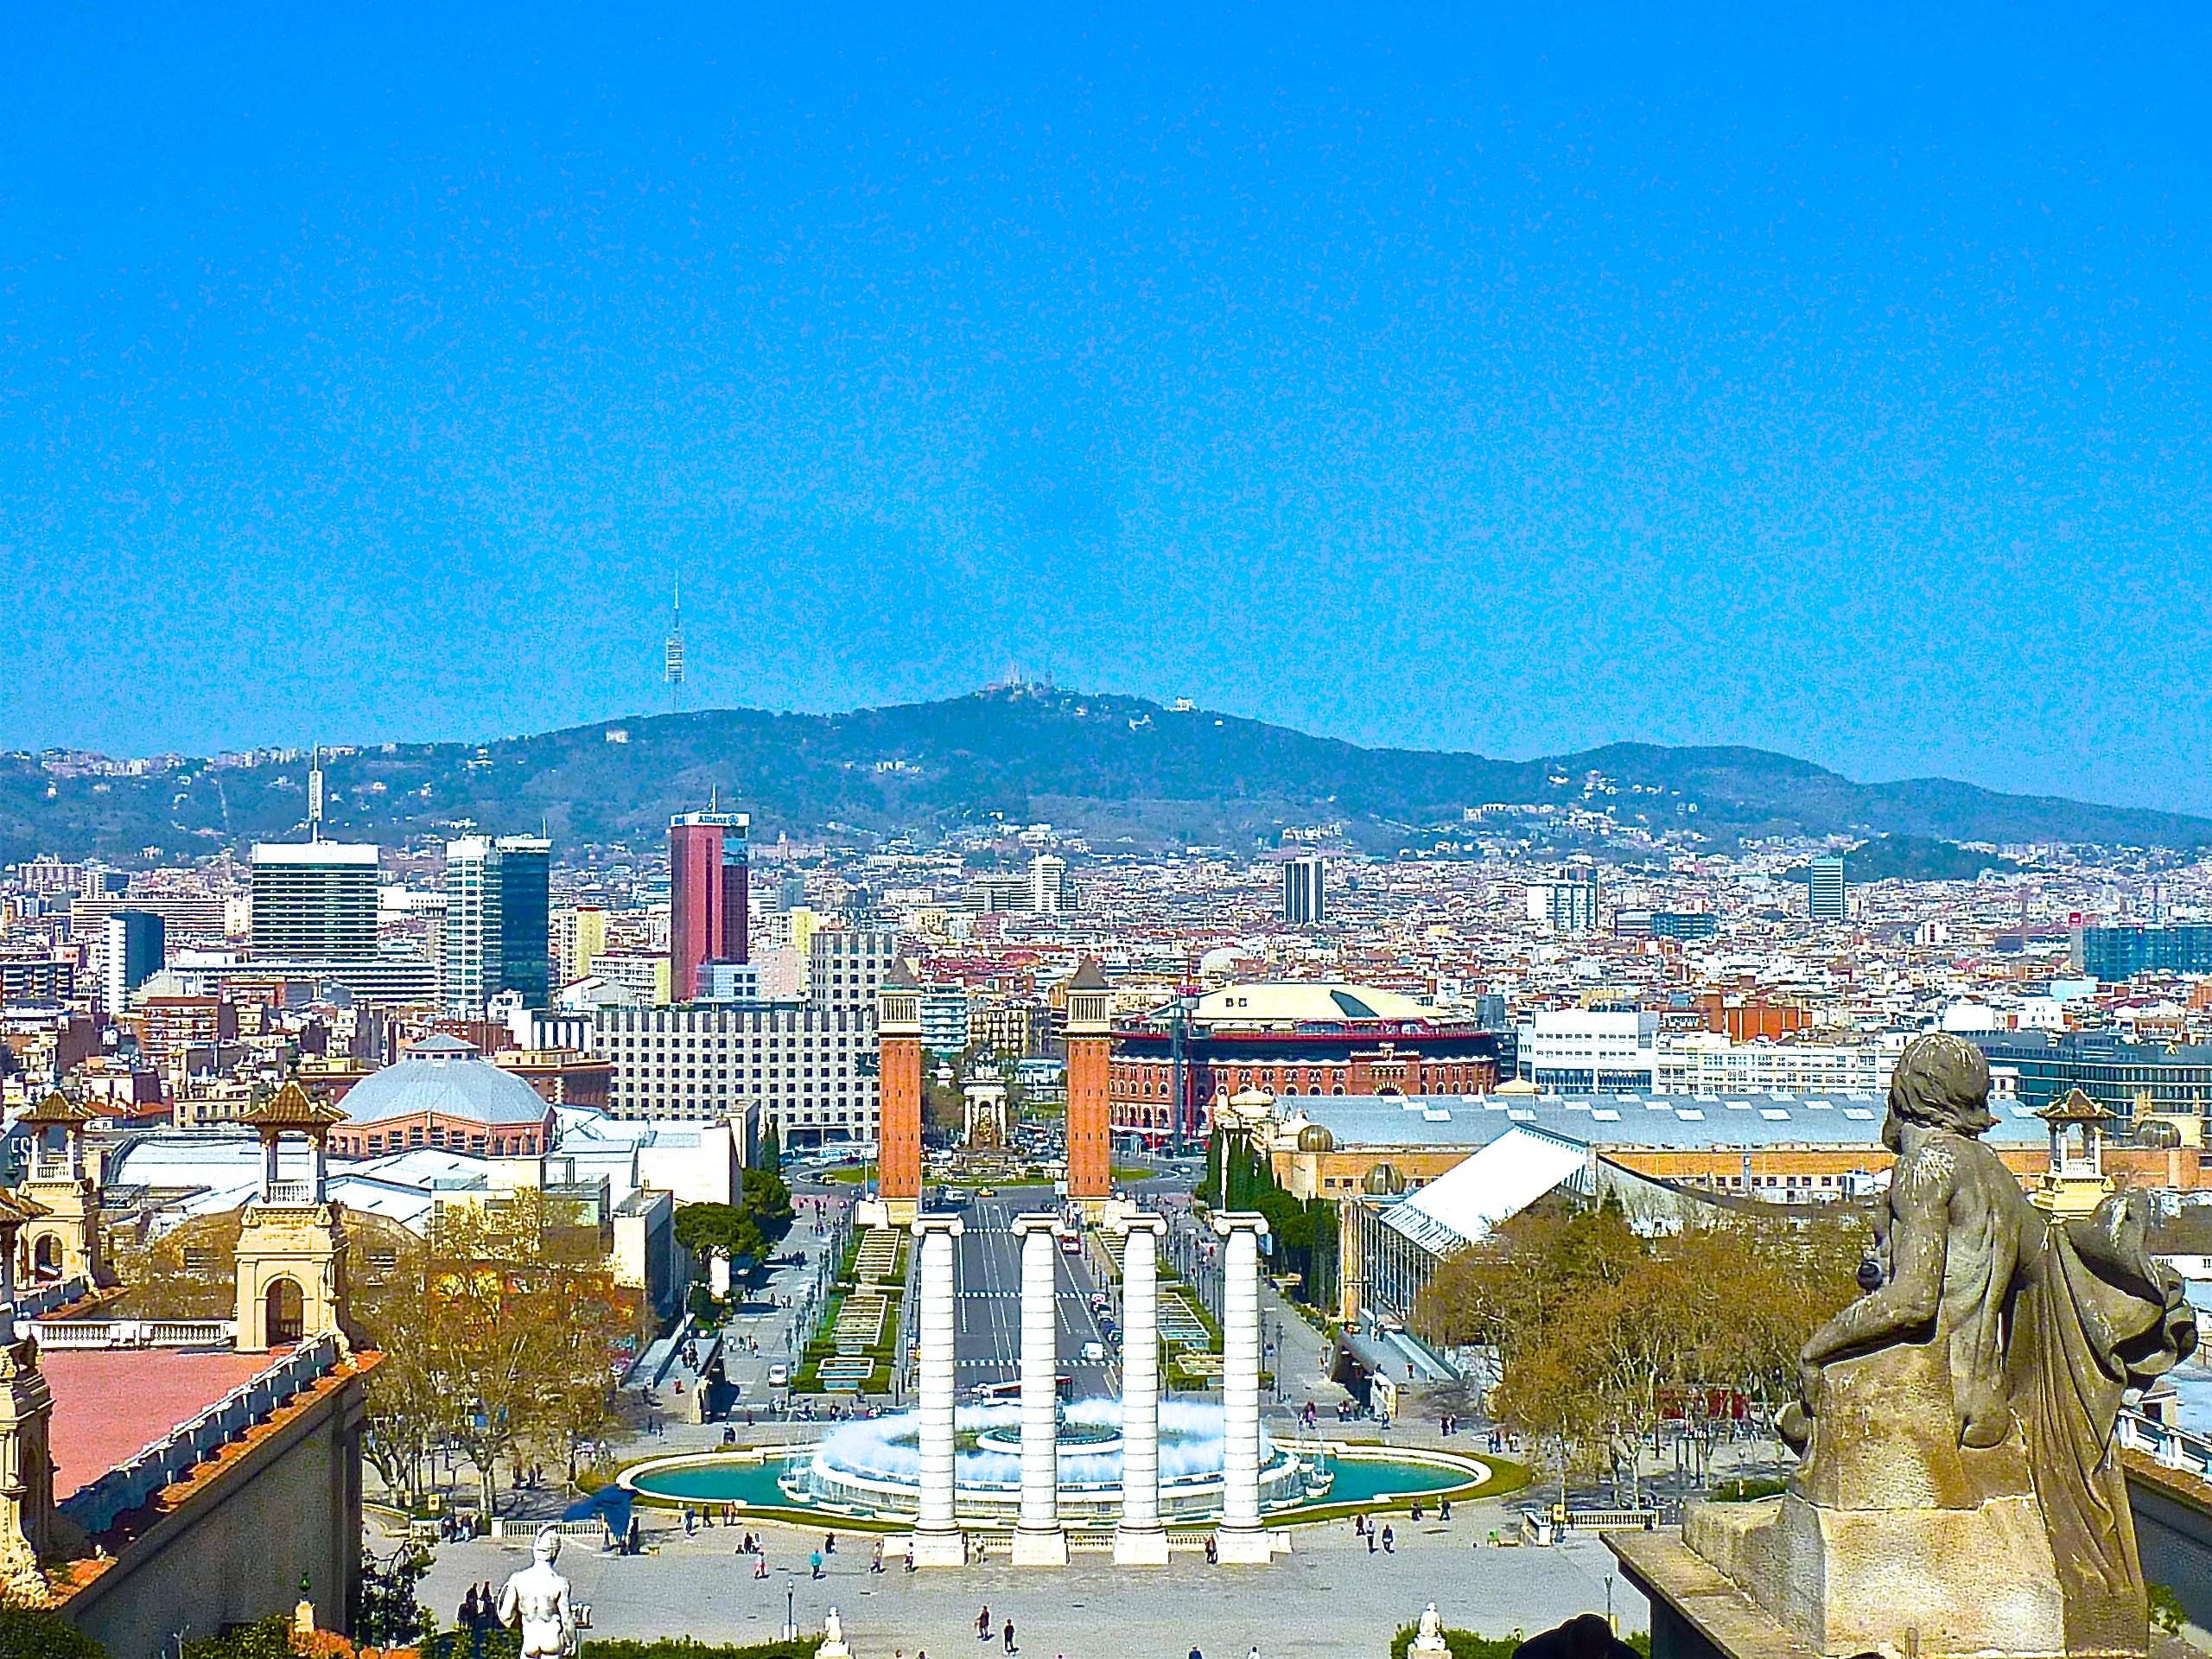 Barcelona, ciudad cateta: después de la pandemia, este verano…